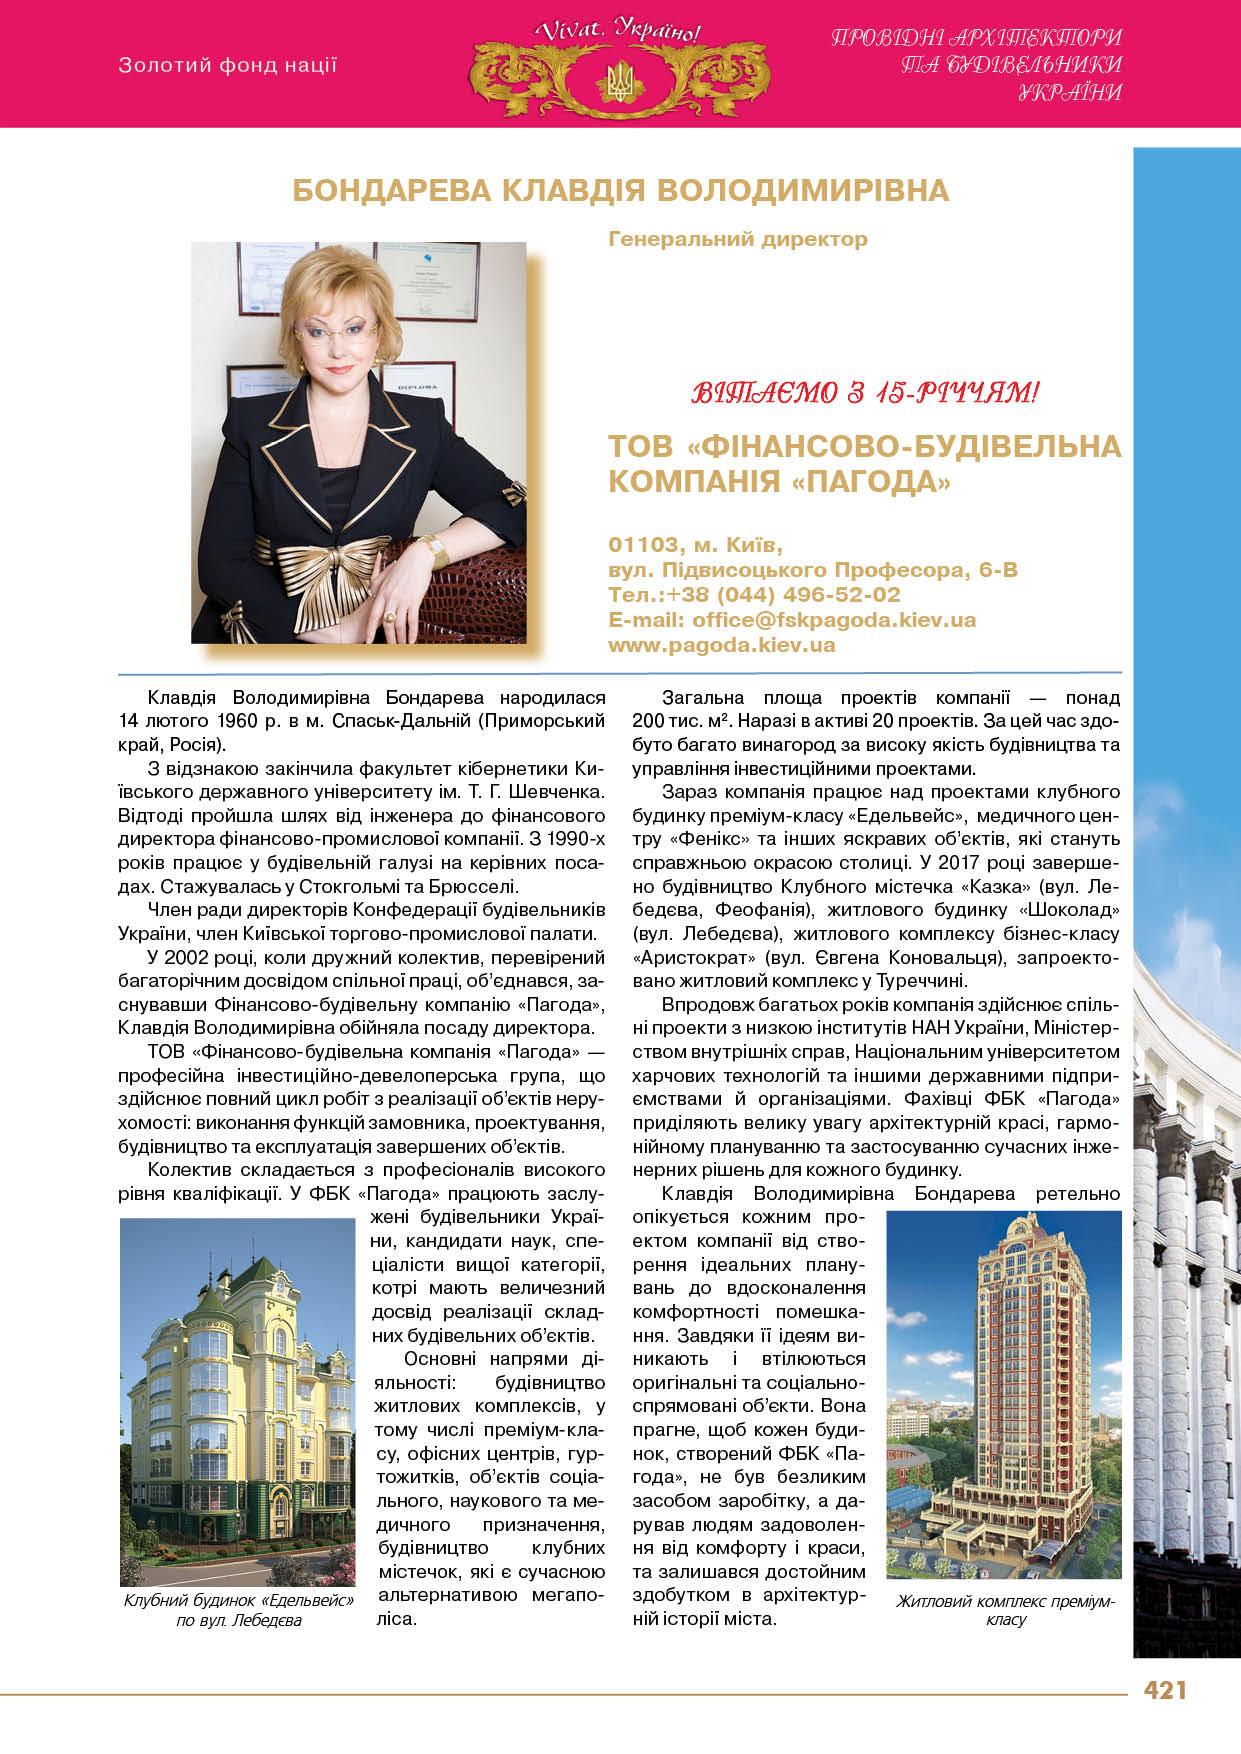 Бондарева Клавдія Володимирівна